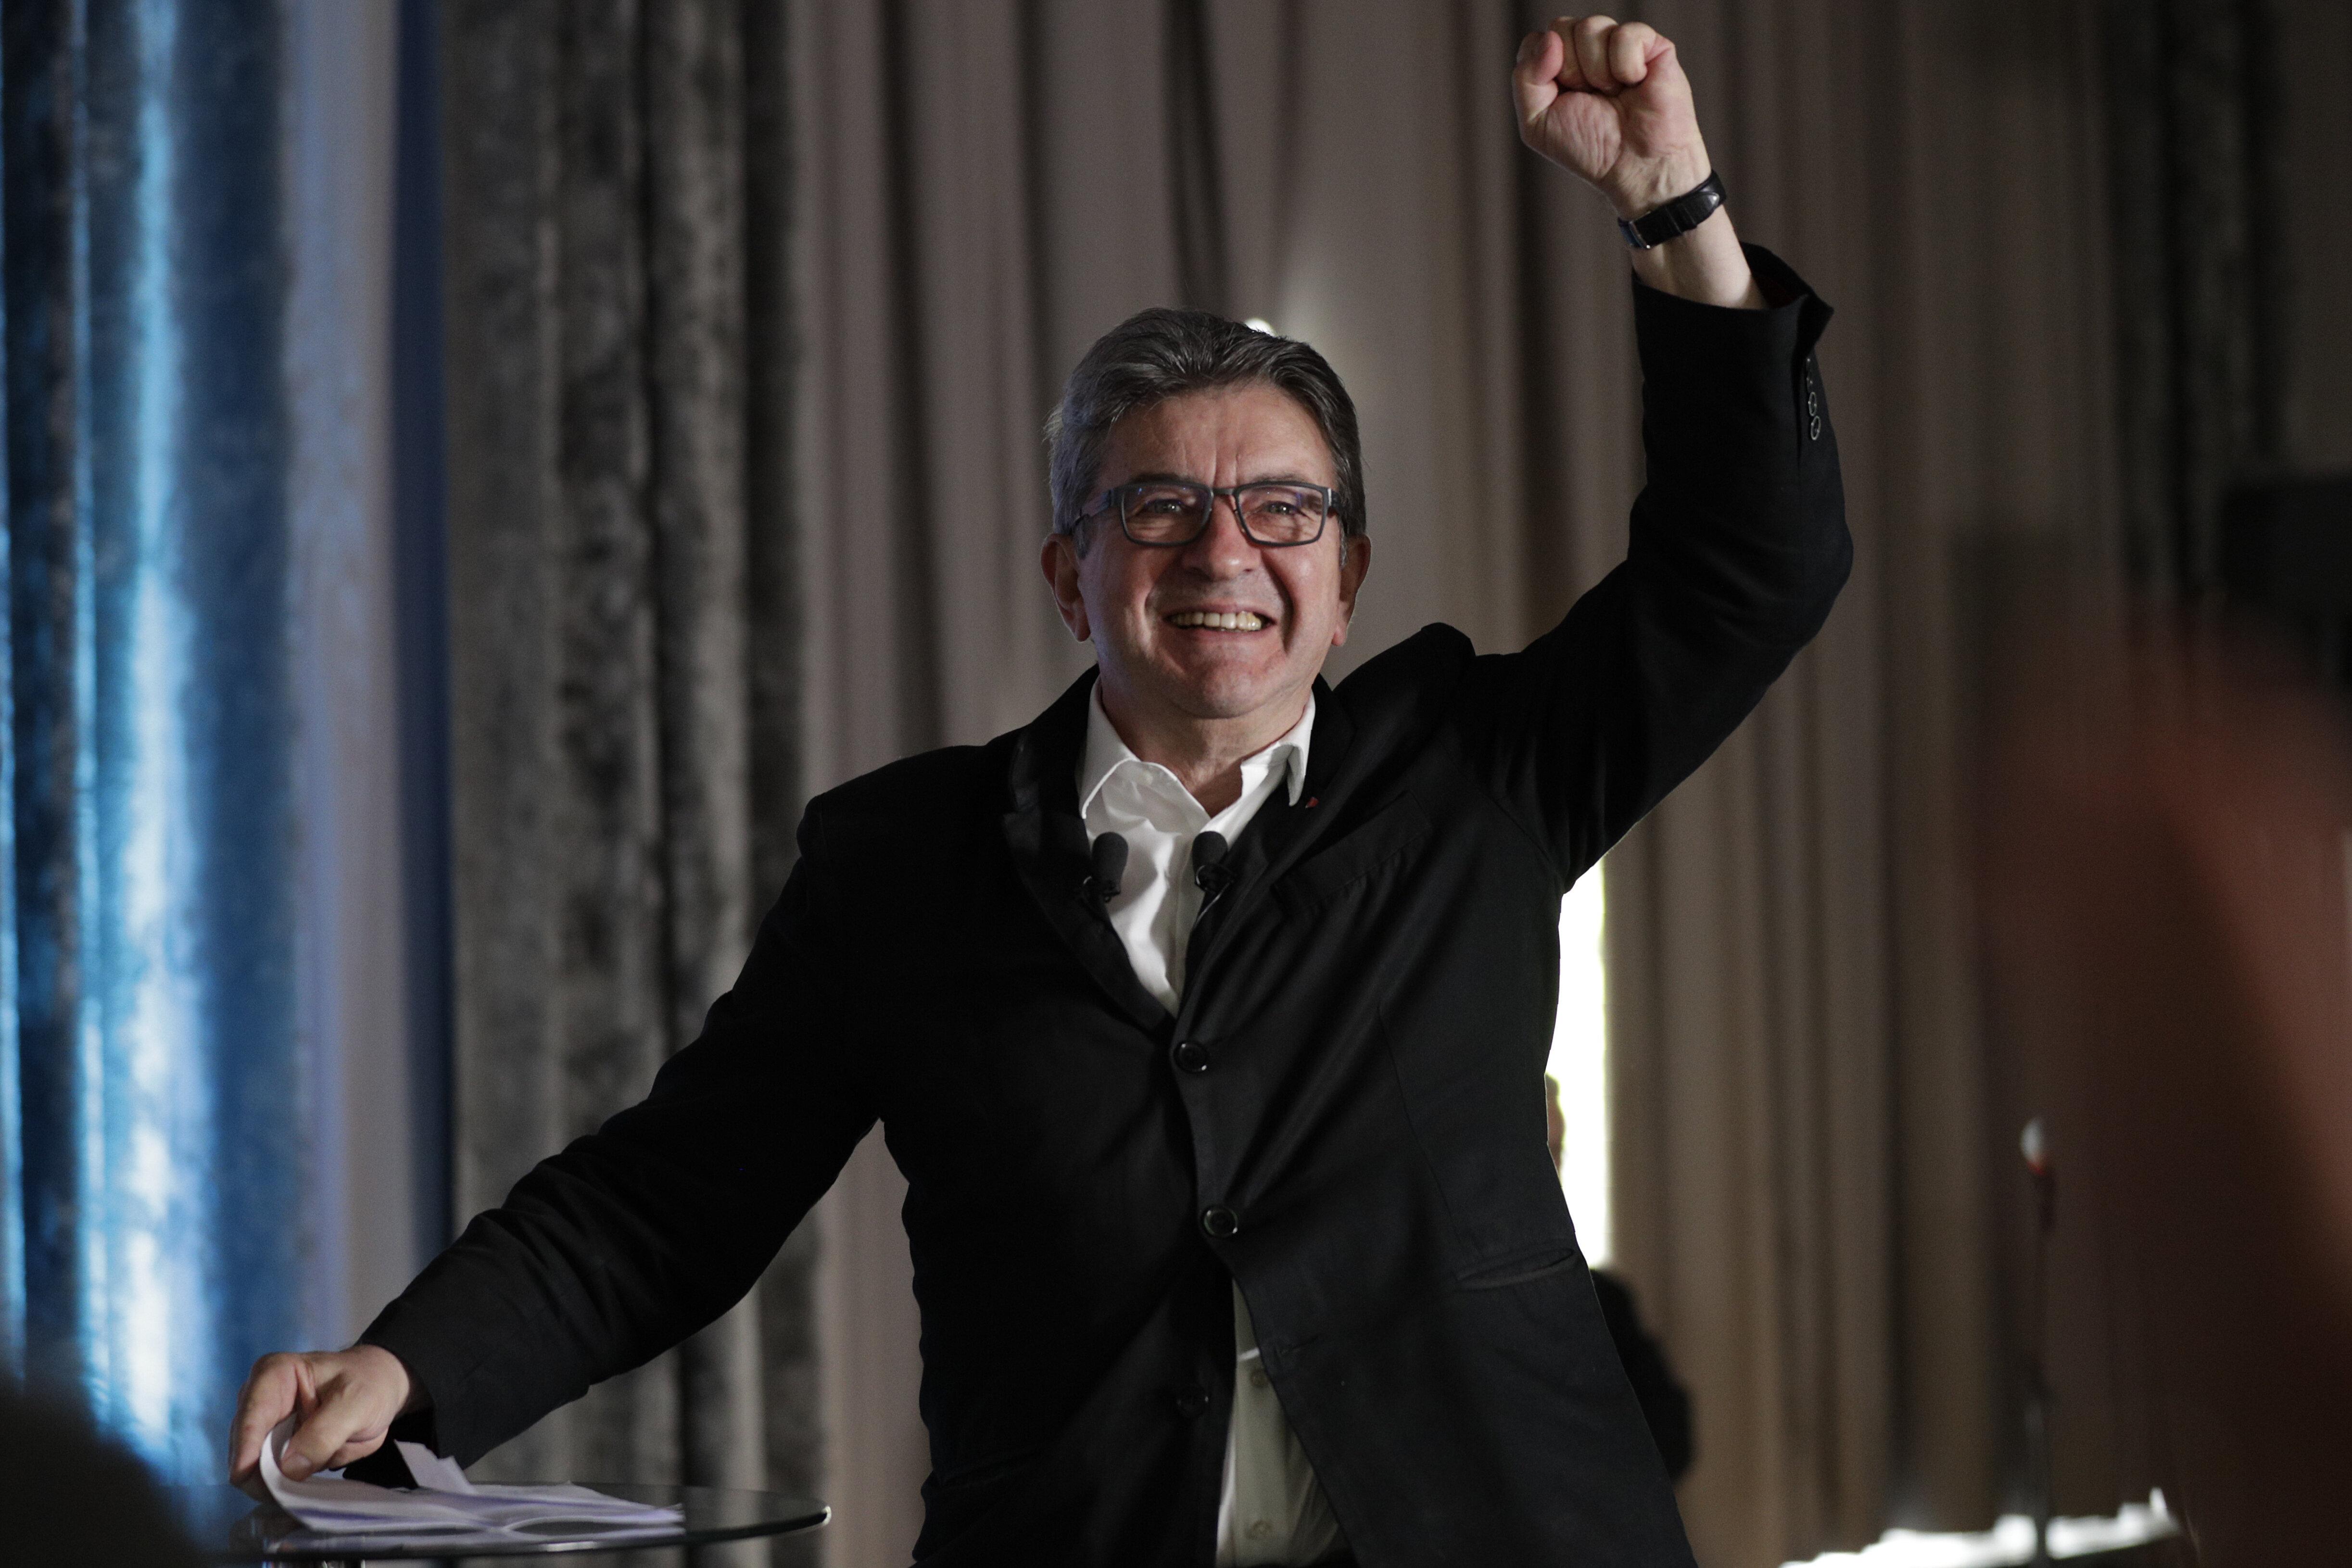 Le député et patron de La France Insoumise (LFI) Jean-Luc Mélenchon le 23 juin 2019 à